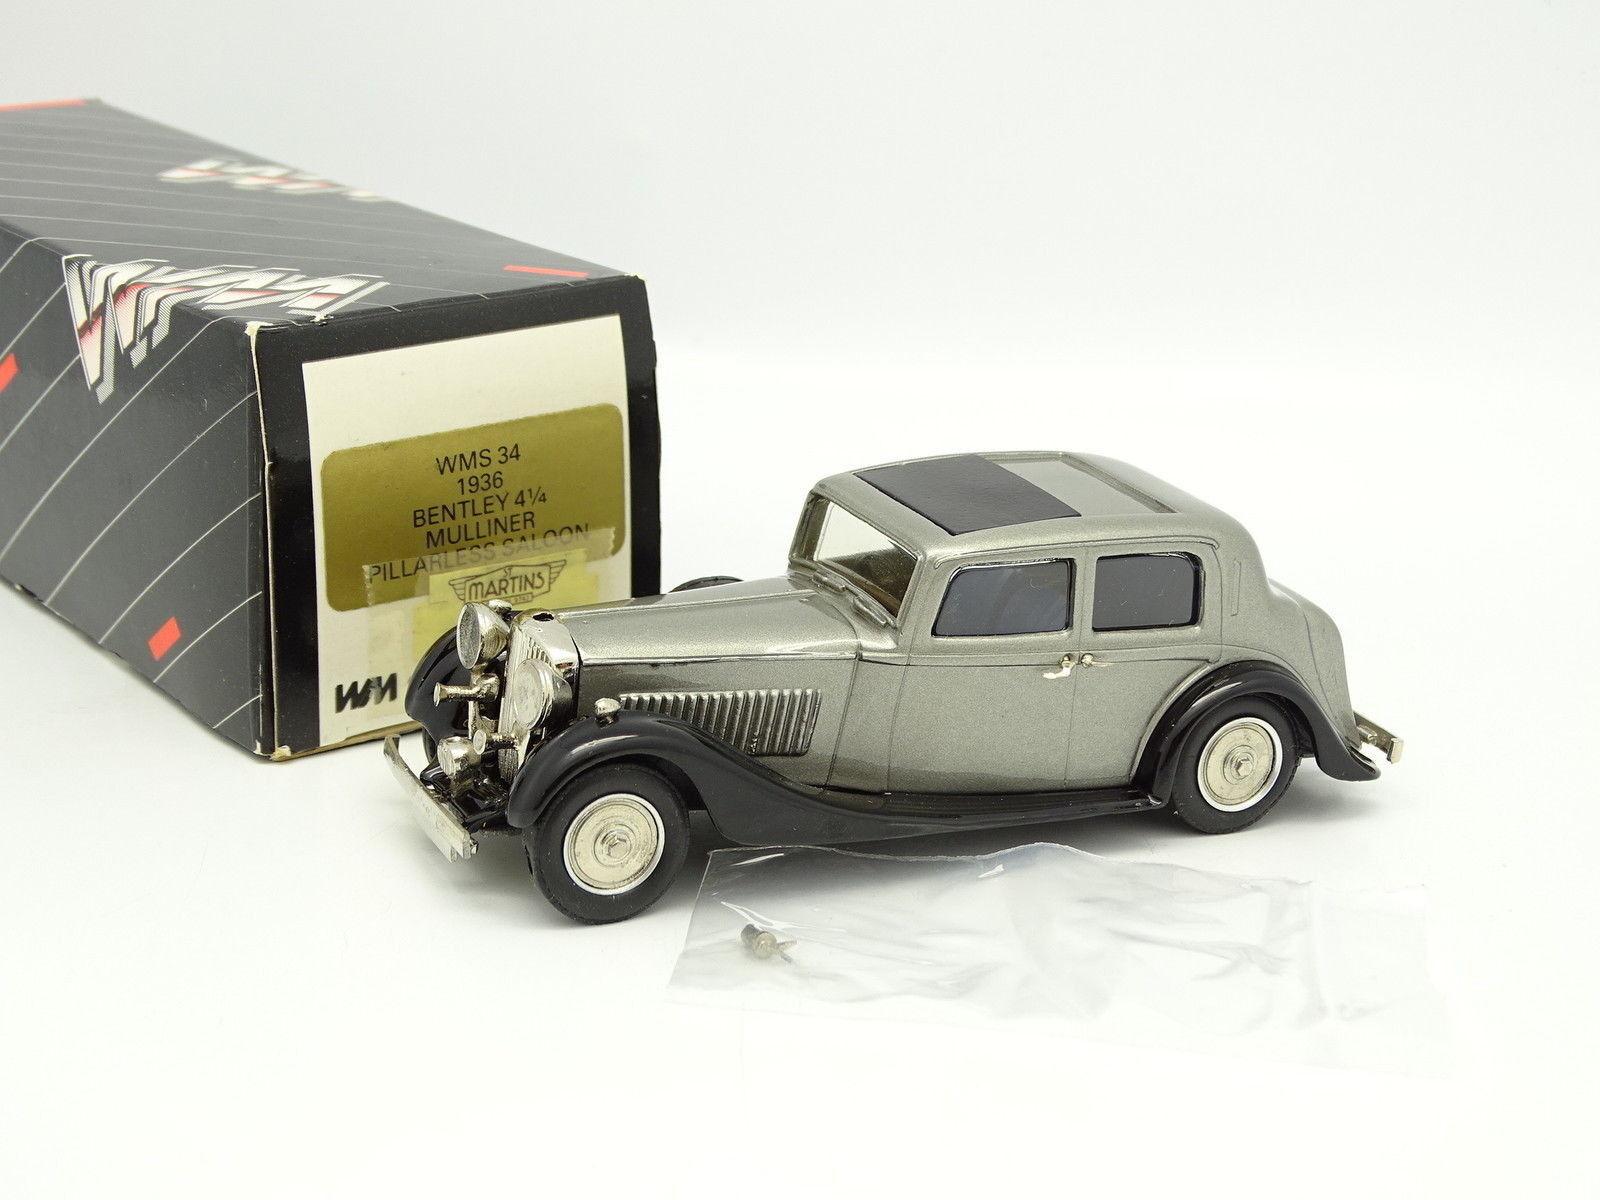 Westliche arti 1   43 - bentley mulliner grigia e schwarz 1936